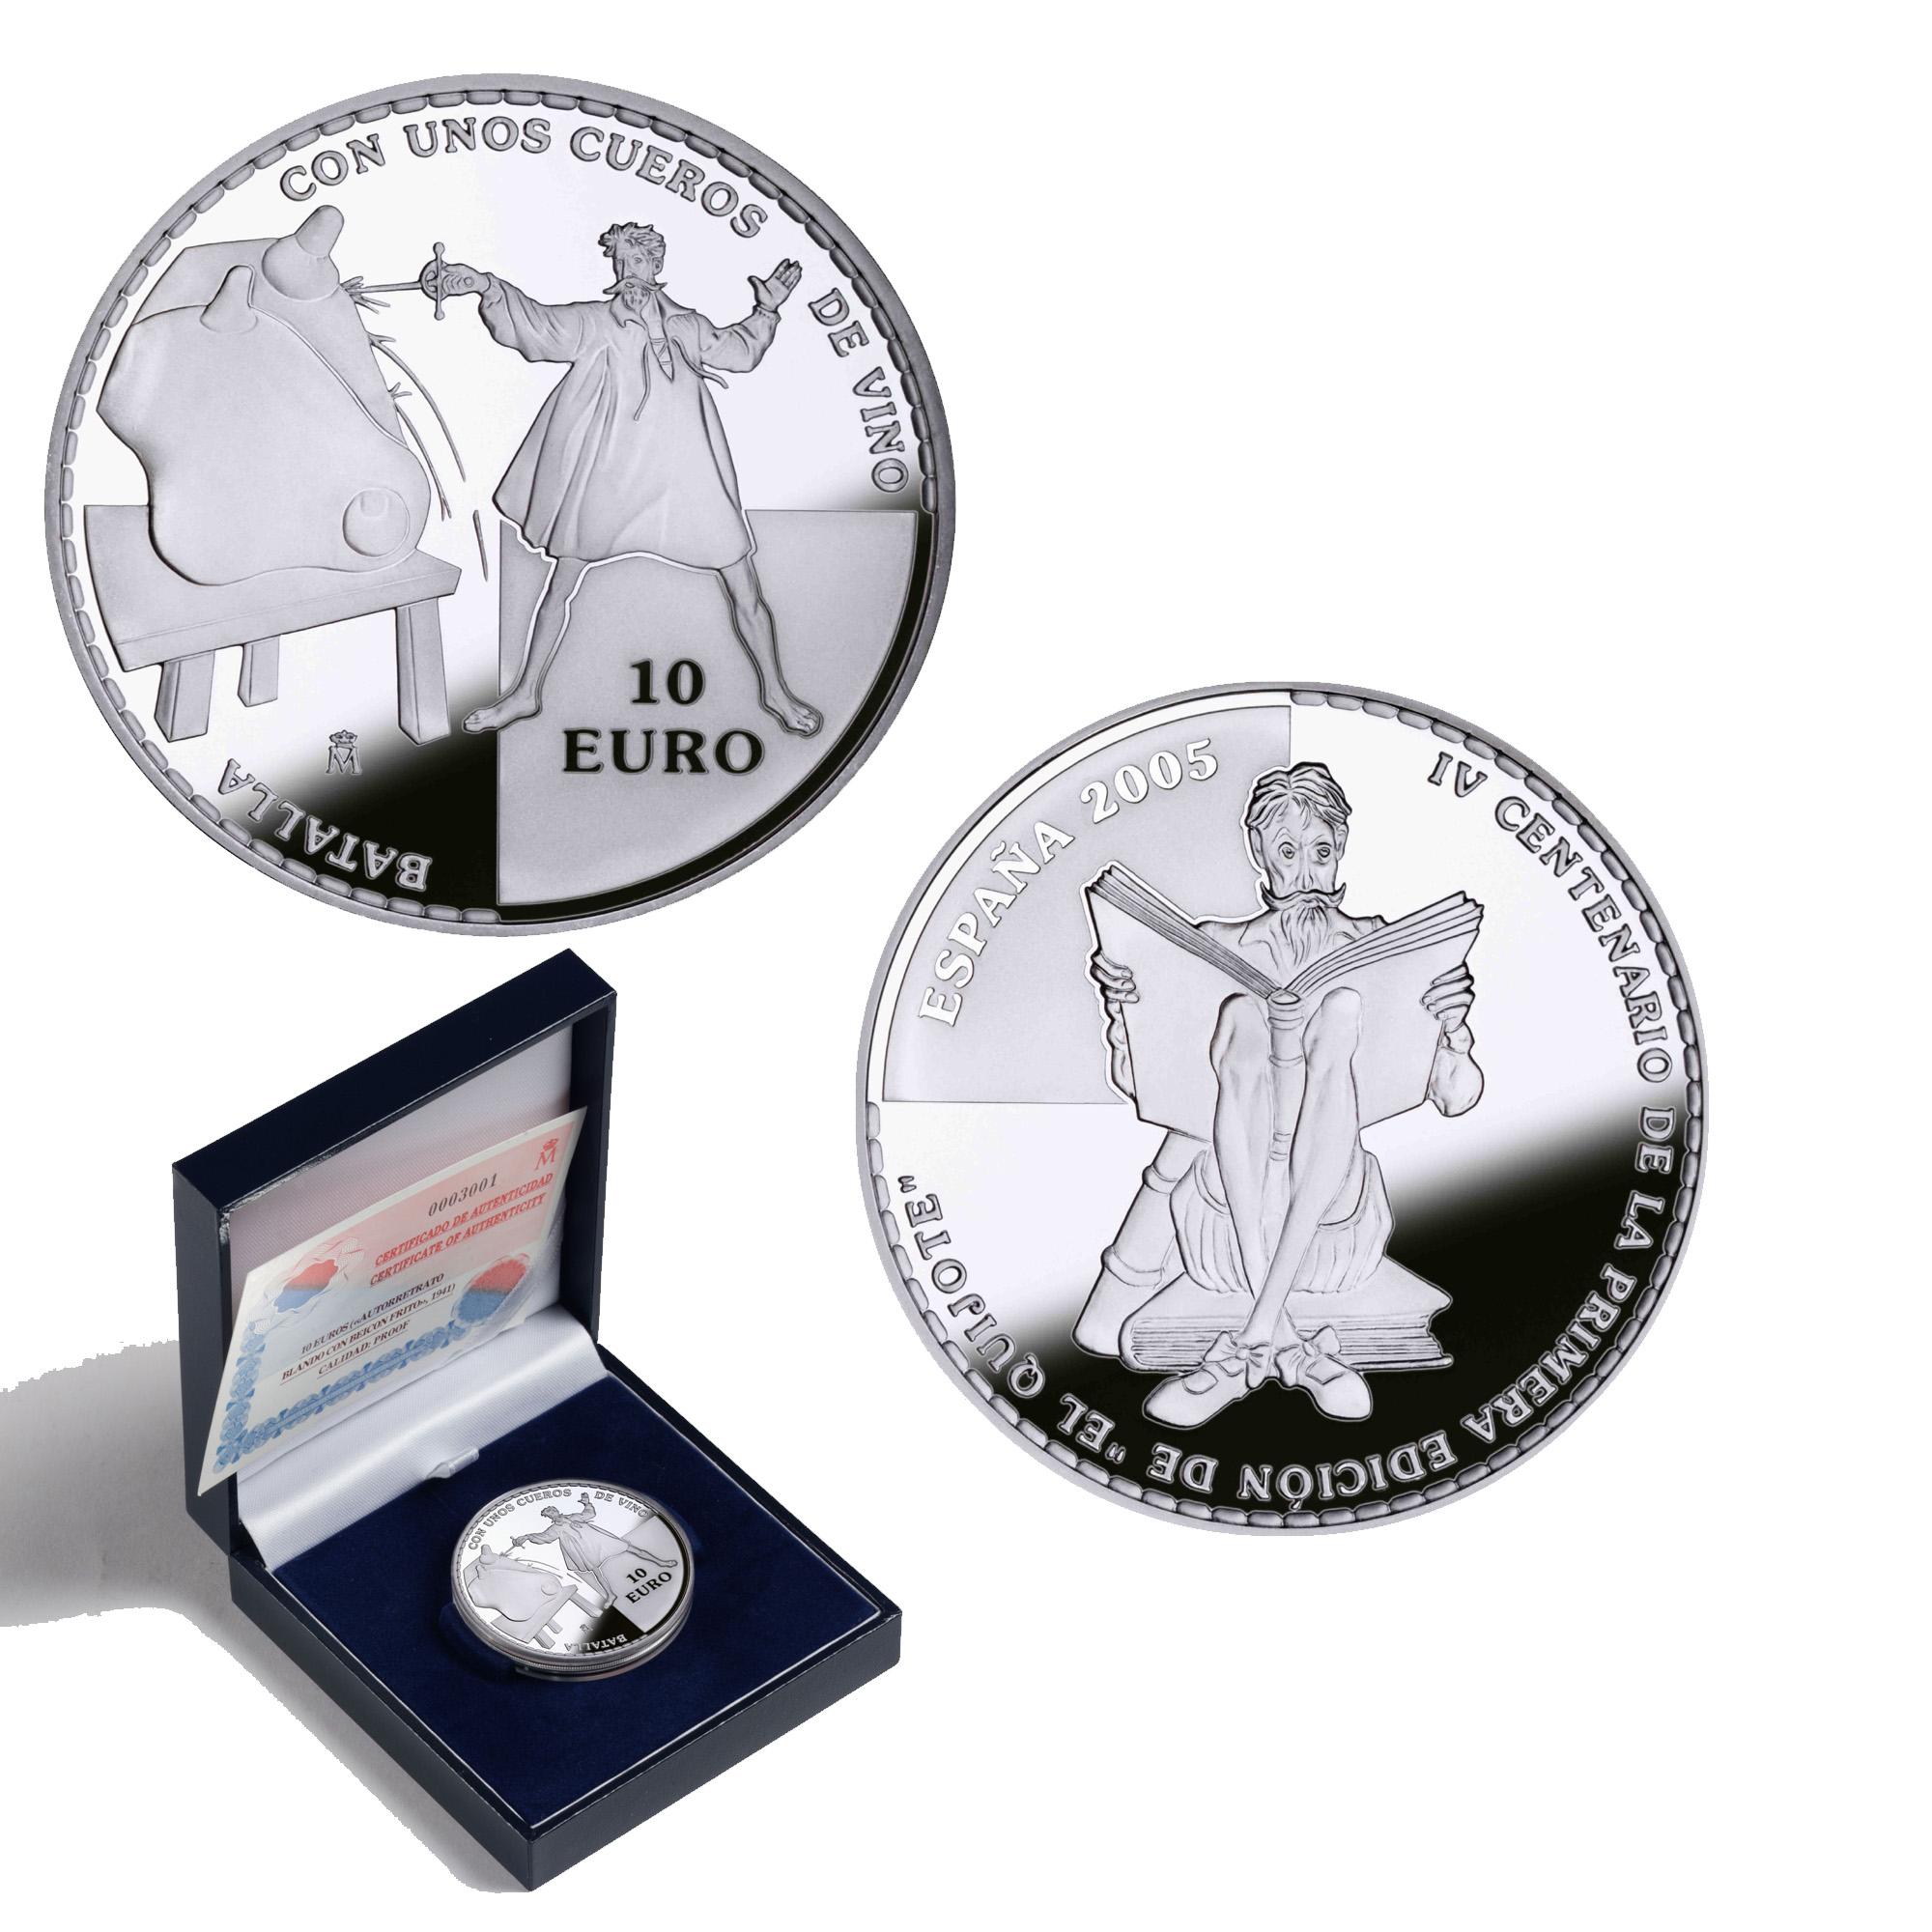 8 reales plata:Cueros de vino IV Centenario de la publicación de El Quijote. Abre en ventana nueva